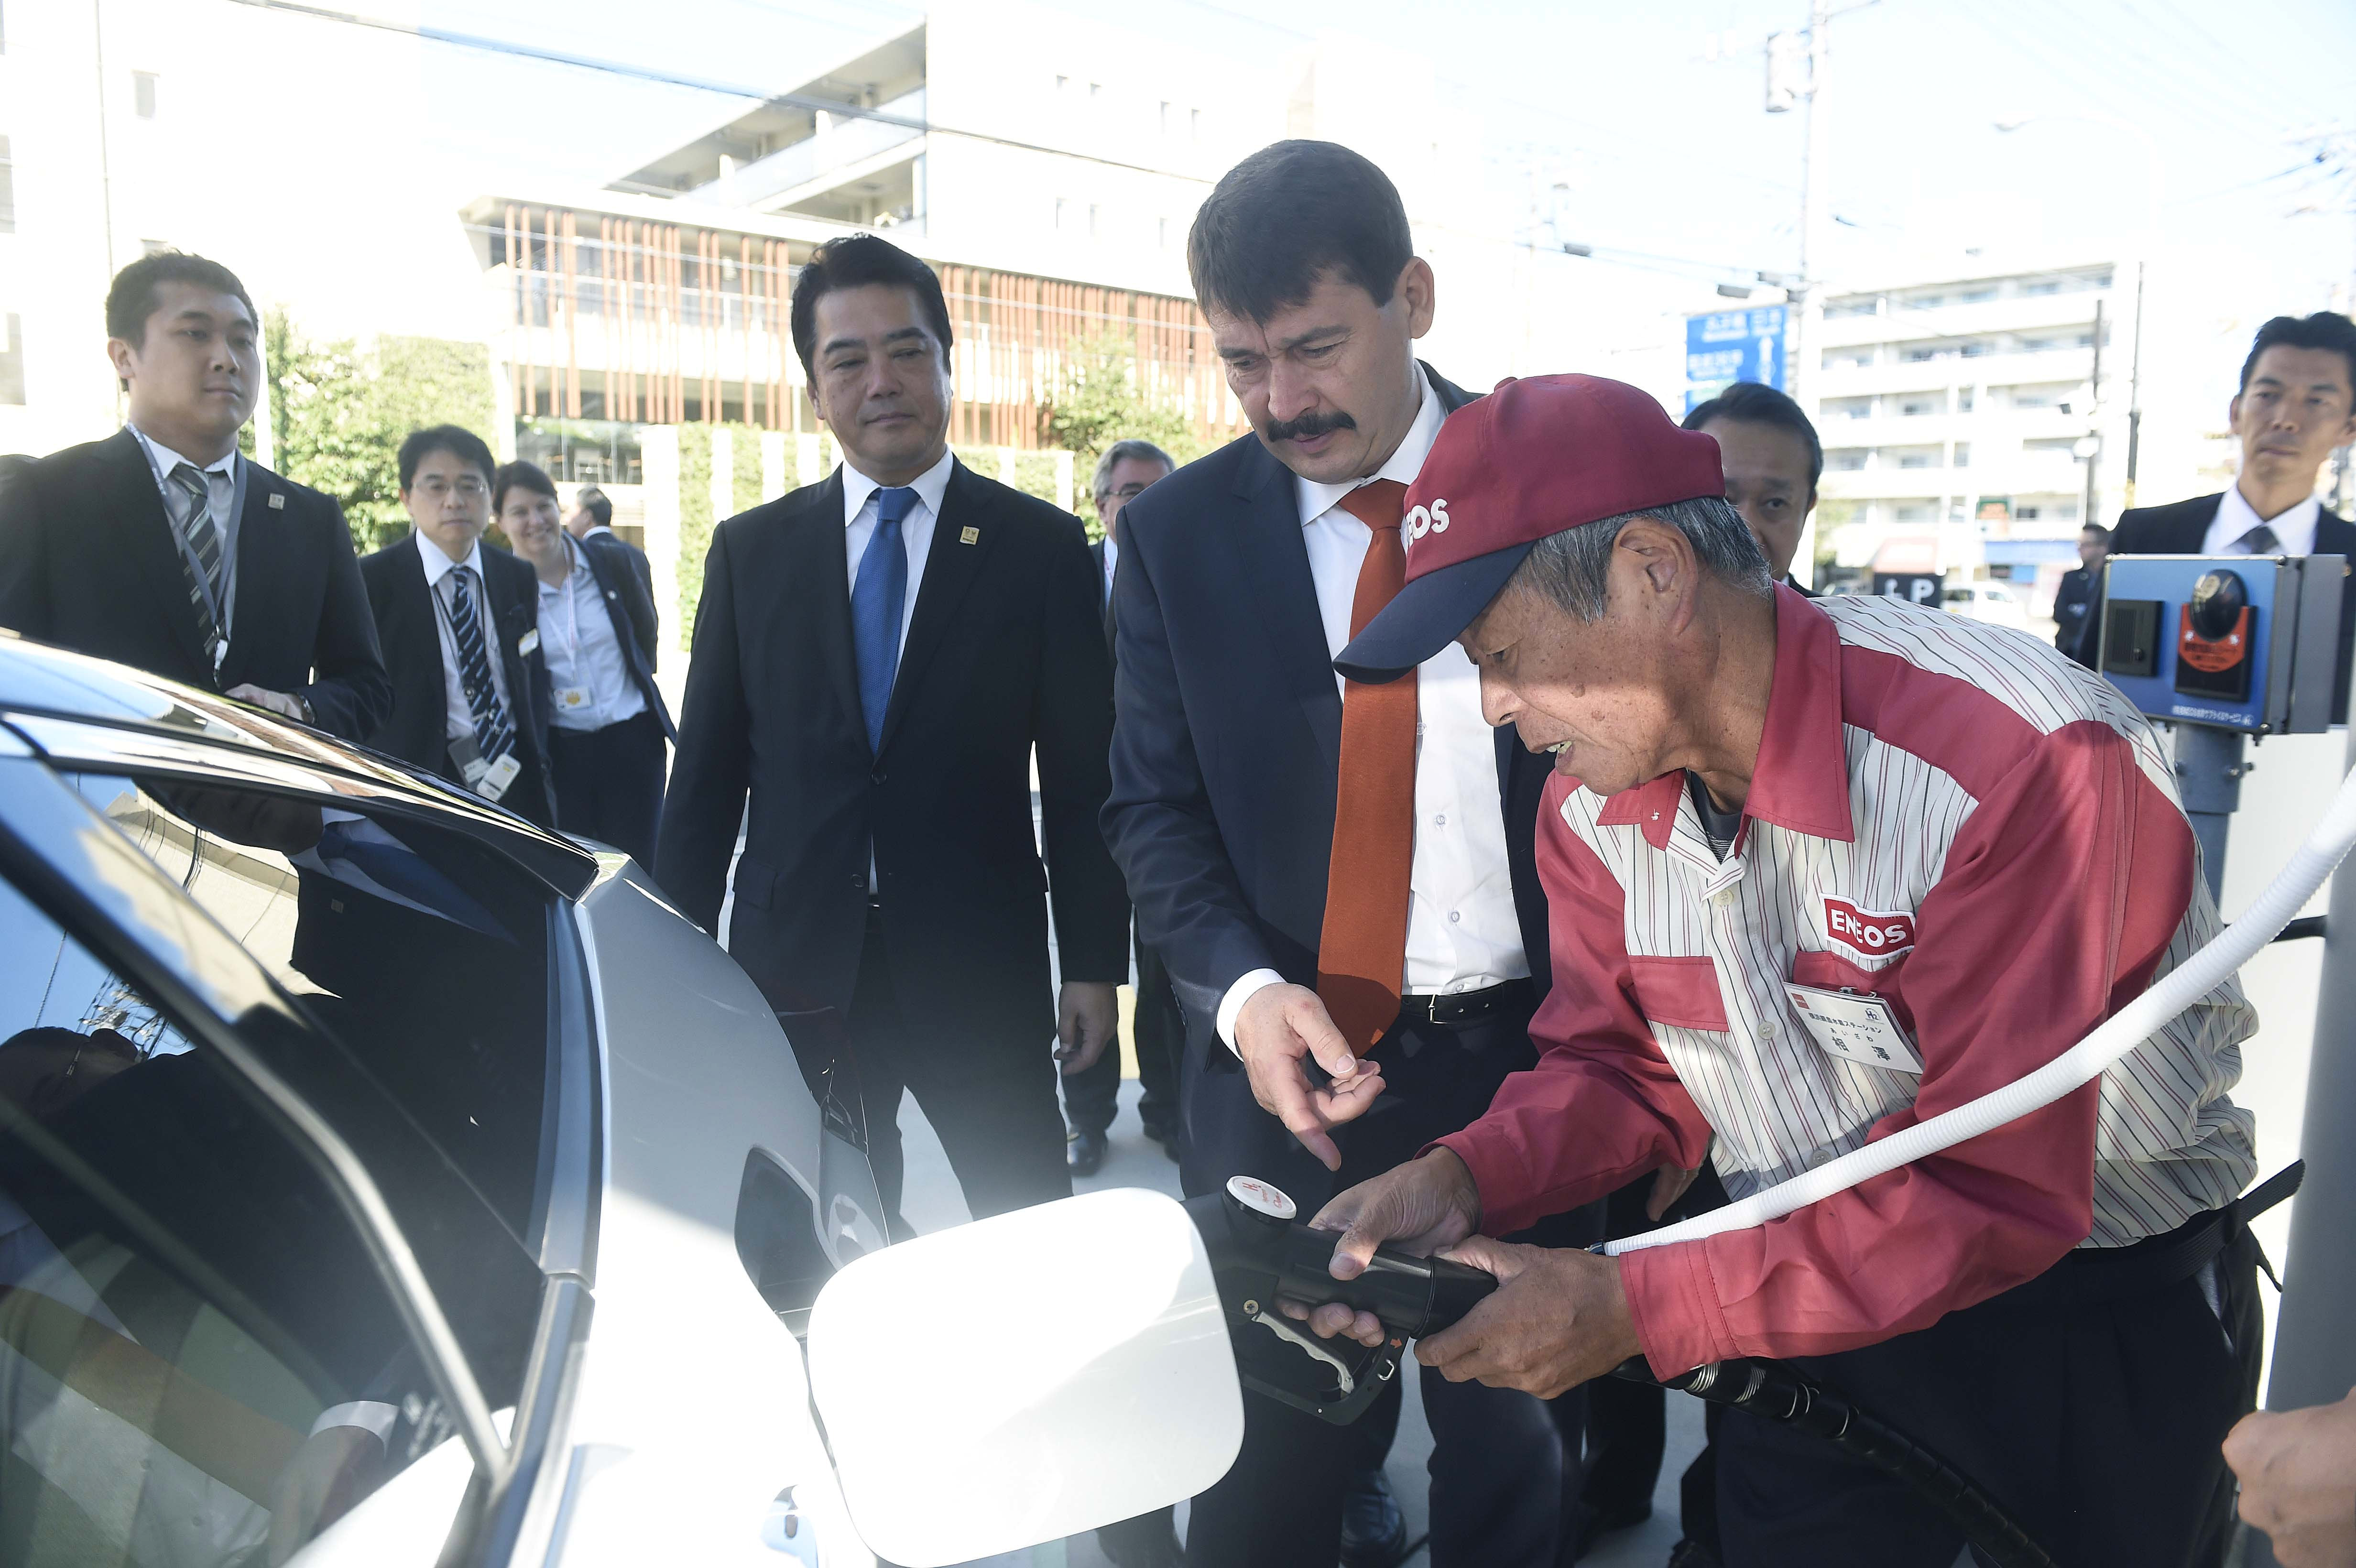 Nemzeti ünnepünk alkalmából Áder János megtekintett egy hidrogéntöltő állomást Japánban